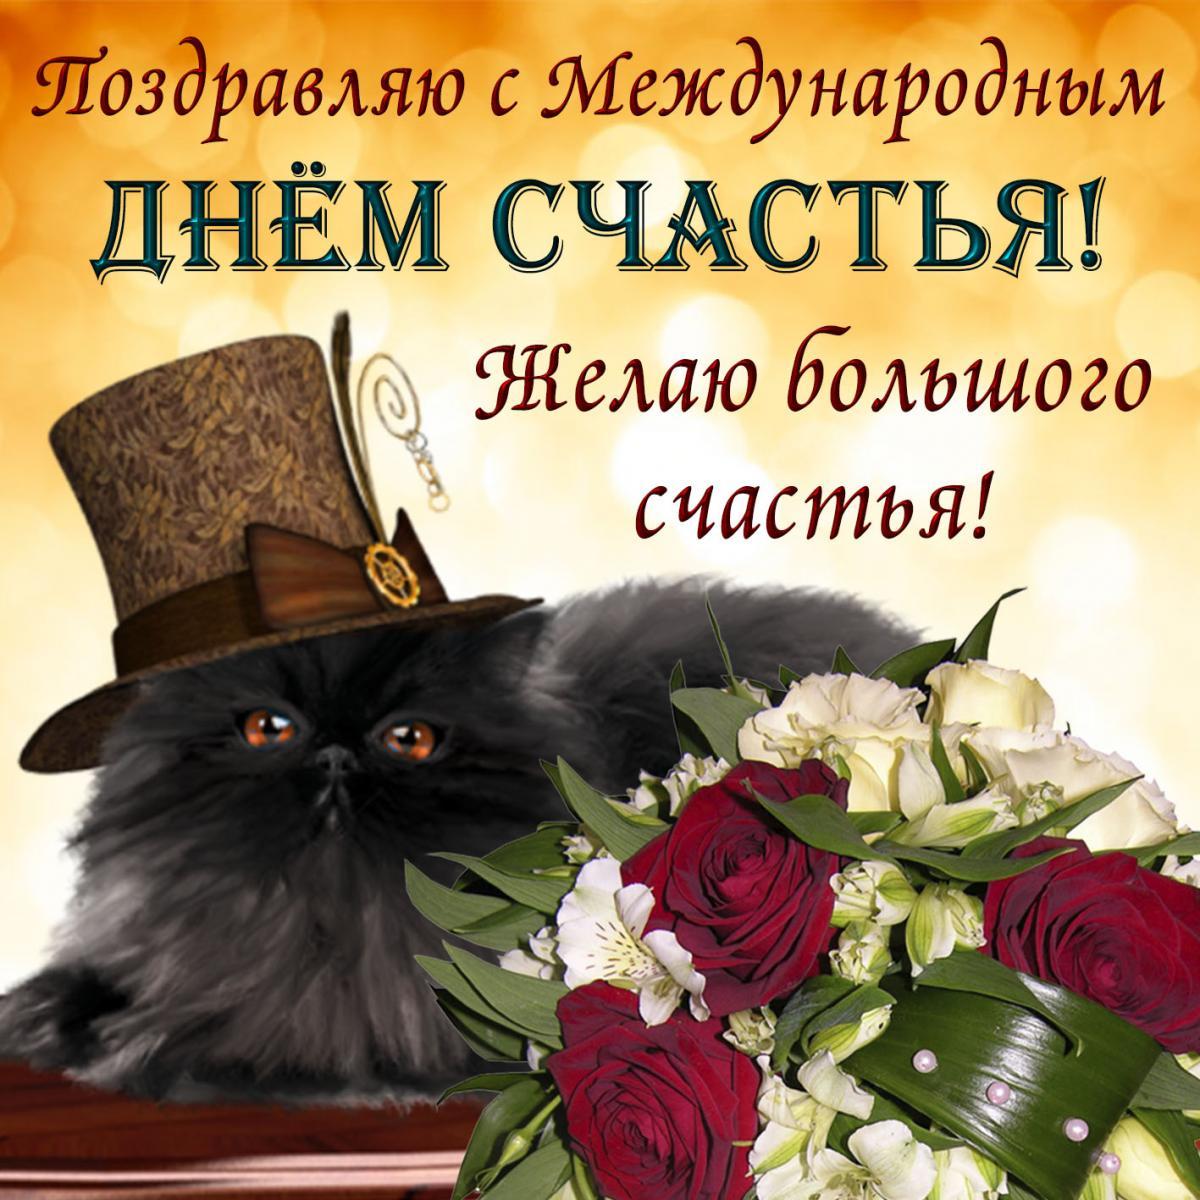 Открытки день счастья,с днём счастья,поздравления на день счастья,кот в шляпе Картинки открыткис днём счастья,день счастья,международный день счастья,открытка картинка на день счастья,поздравления с днём счастья,открытка день счастья скачать